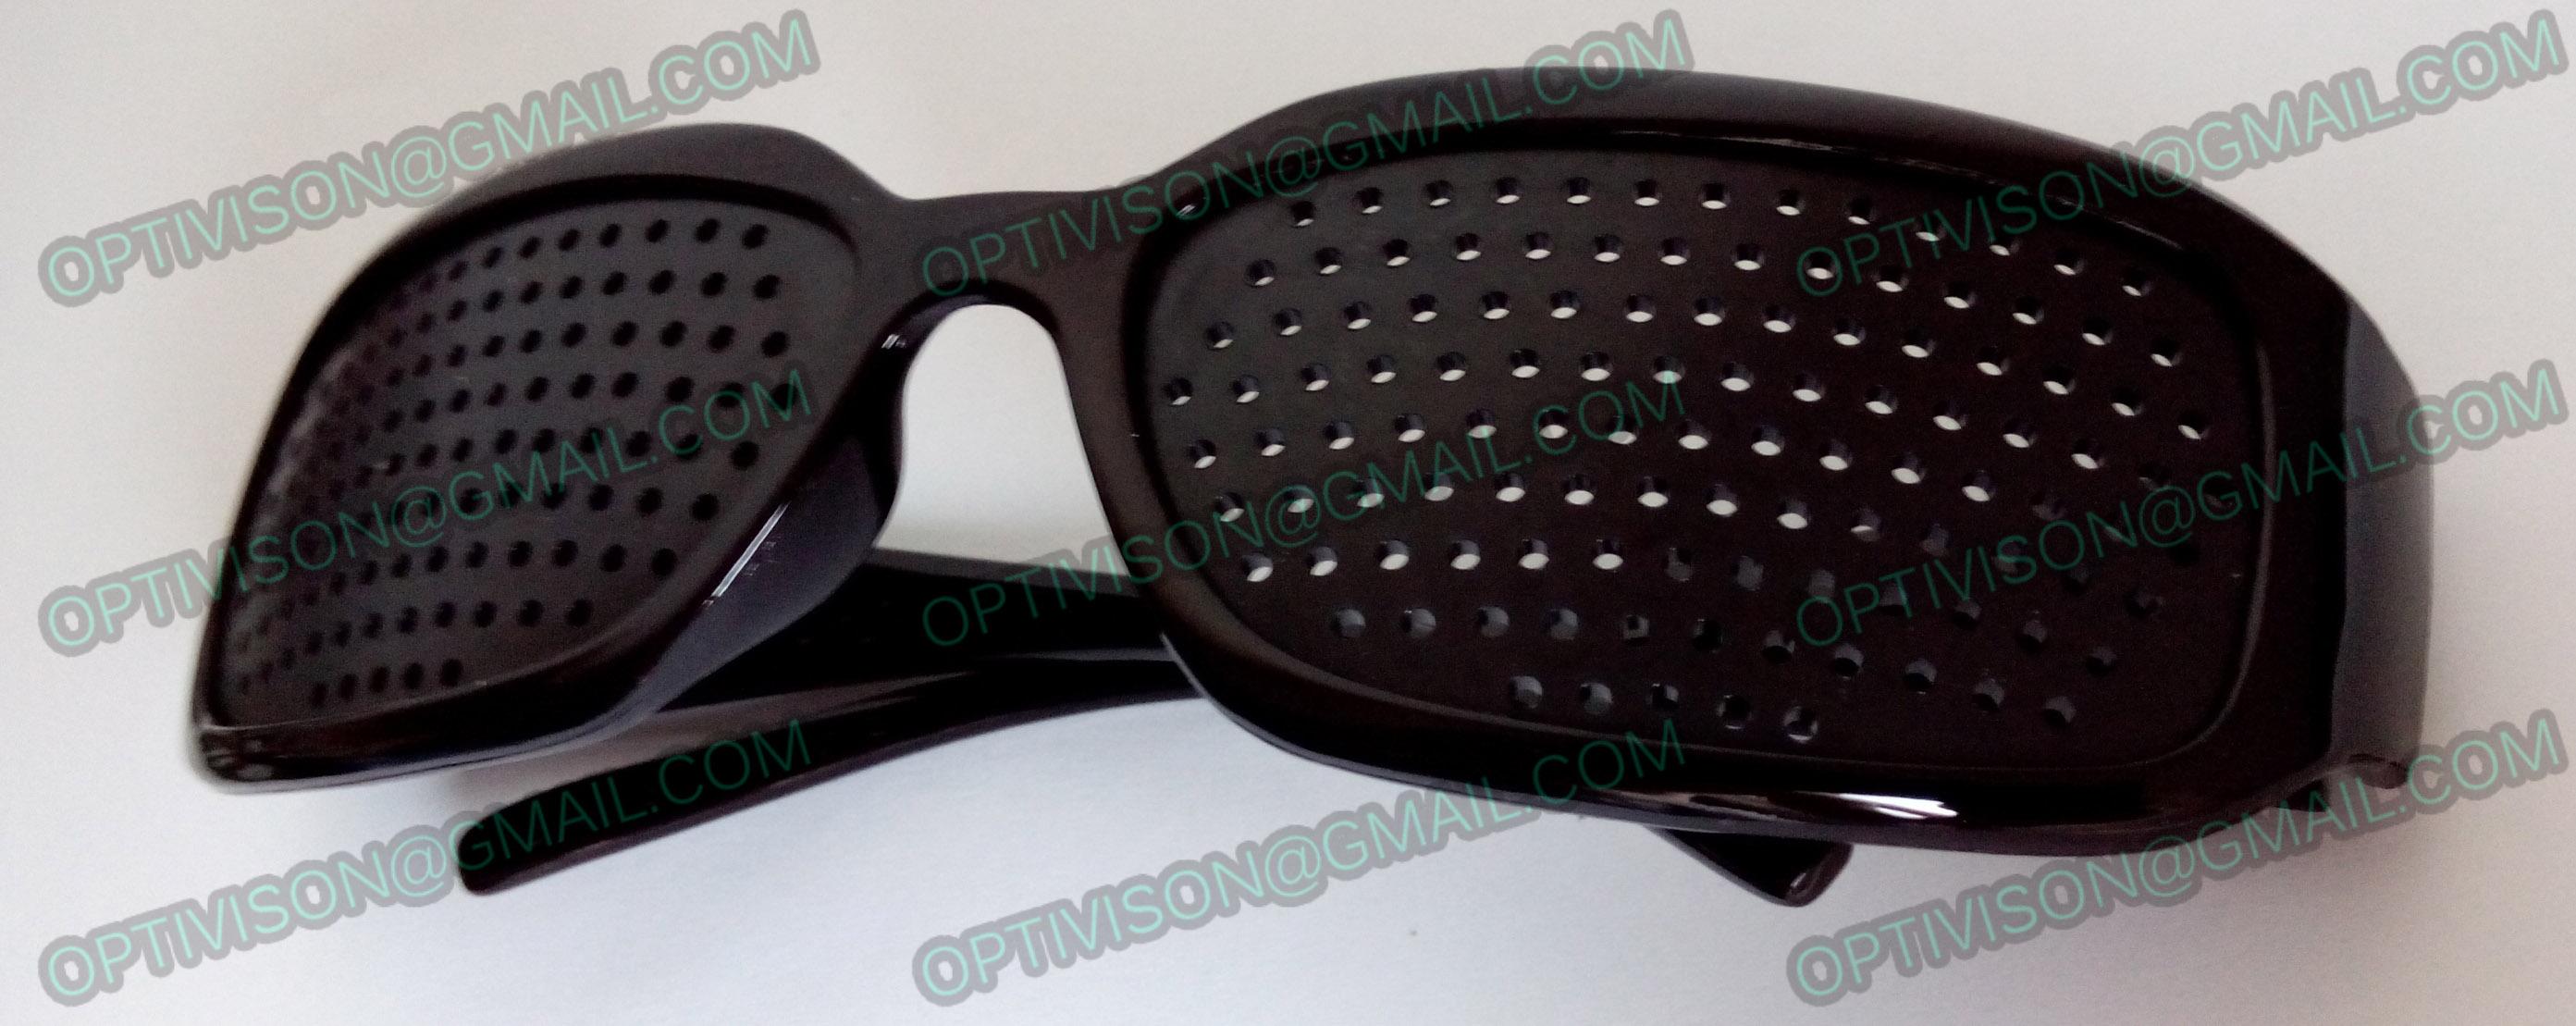 Szemtorna szemüveg - Szemtréner b5520d0f28